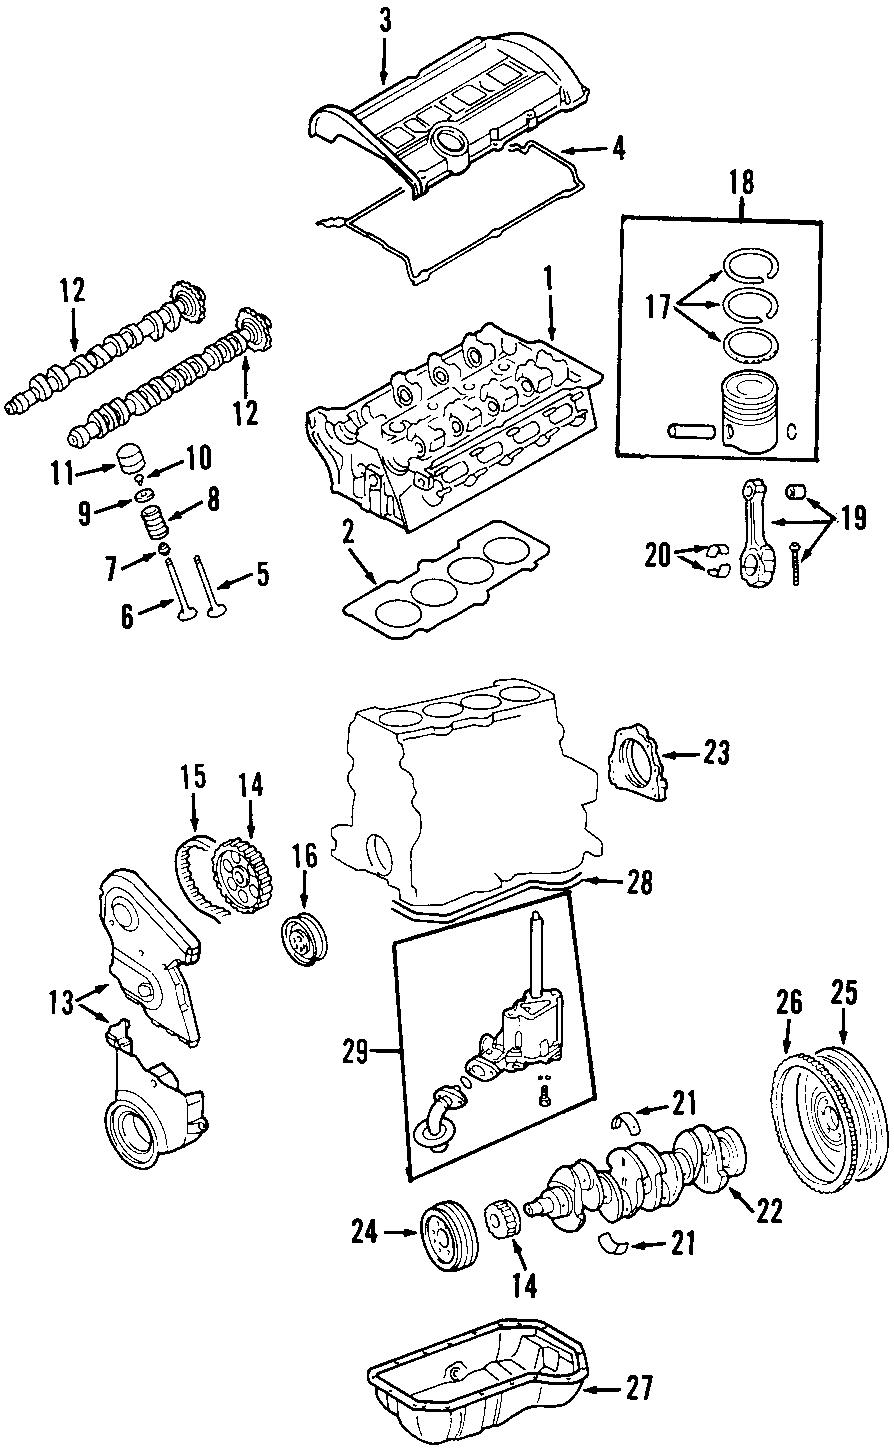 1987 Volkswagen Golf Engine Timing Belt Tensioner. IDLER